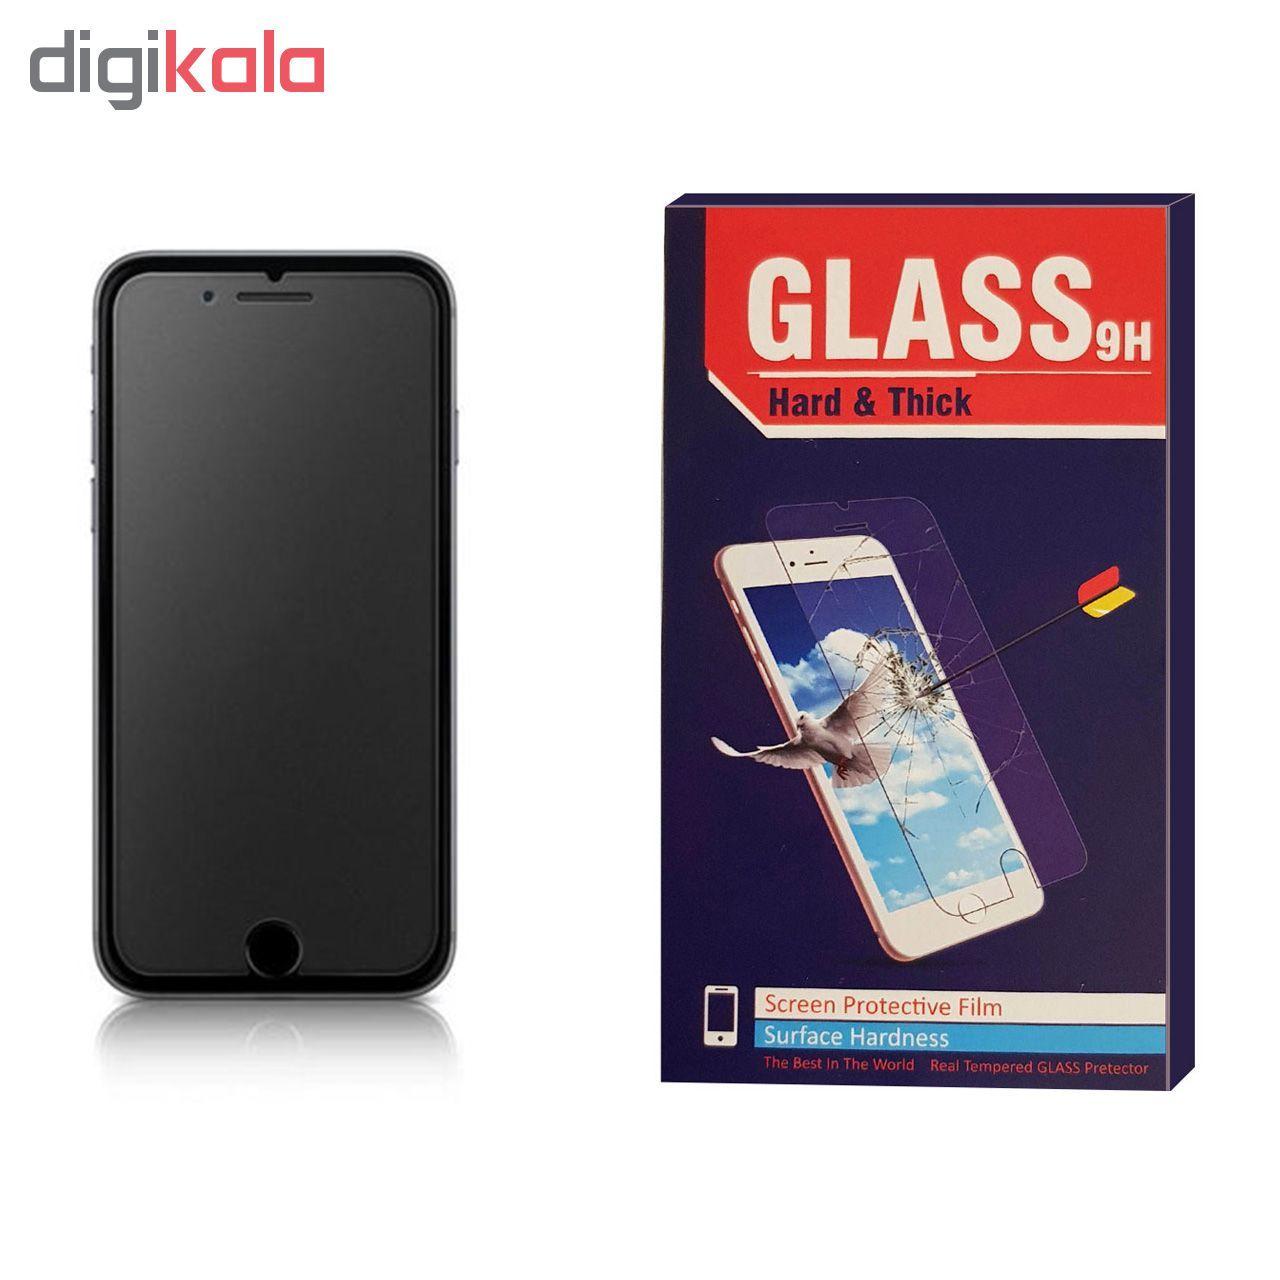 محافظ صفحه نمایش مات Hard and thick مدل F004 مناسب برای گوشی موبایل IPHONE 6S / 7 / 8 main 1 1